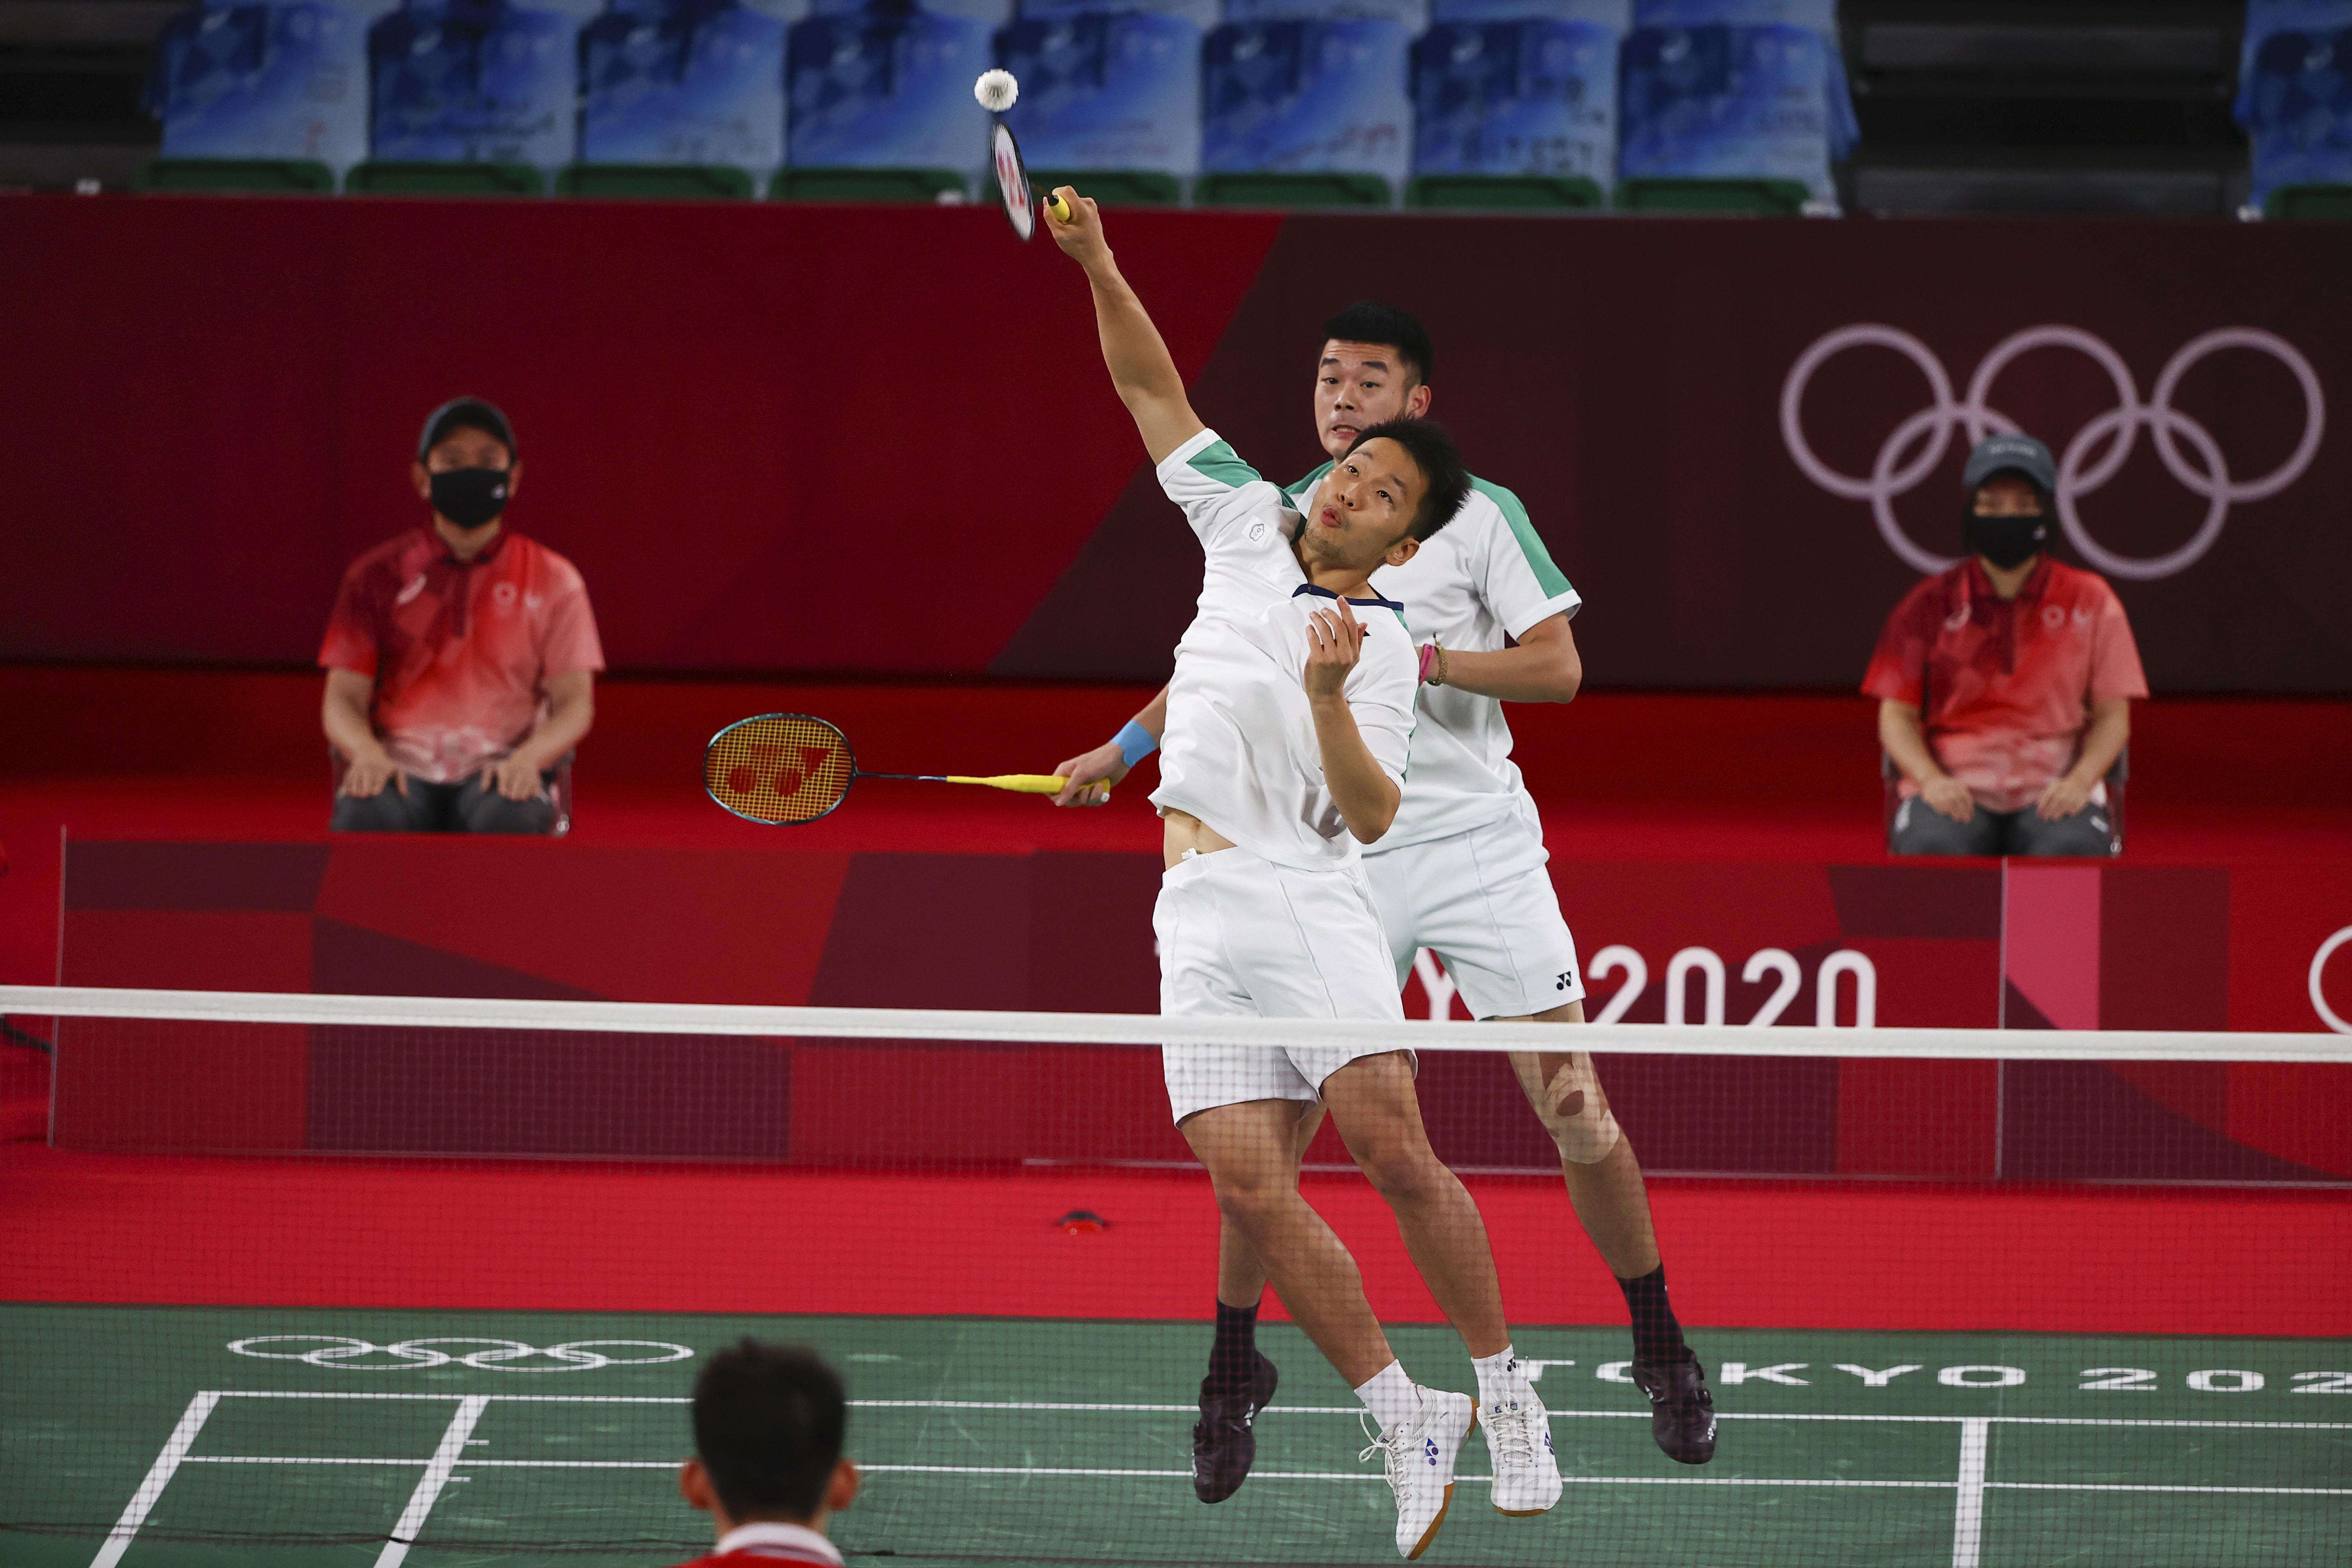 東京奧運,運動,競技,肌肉,物理治療,肌能系貼紮,肌能系貼布